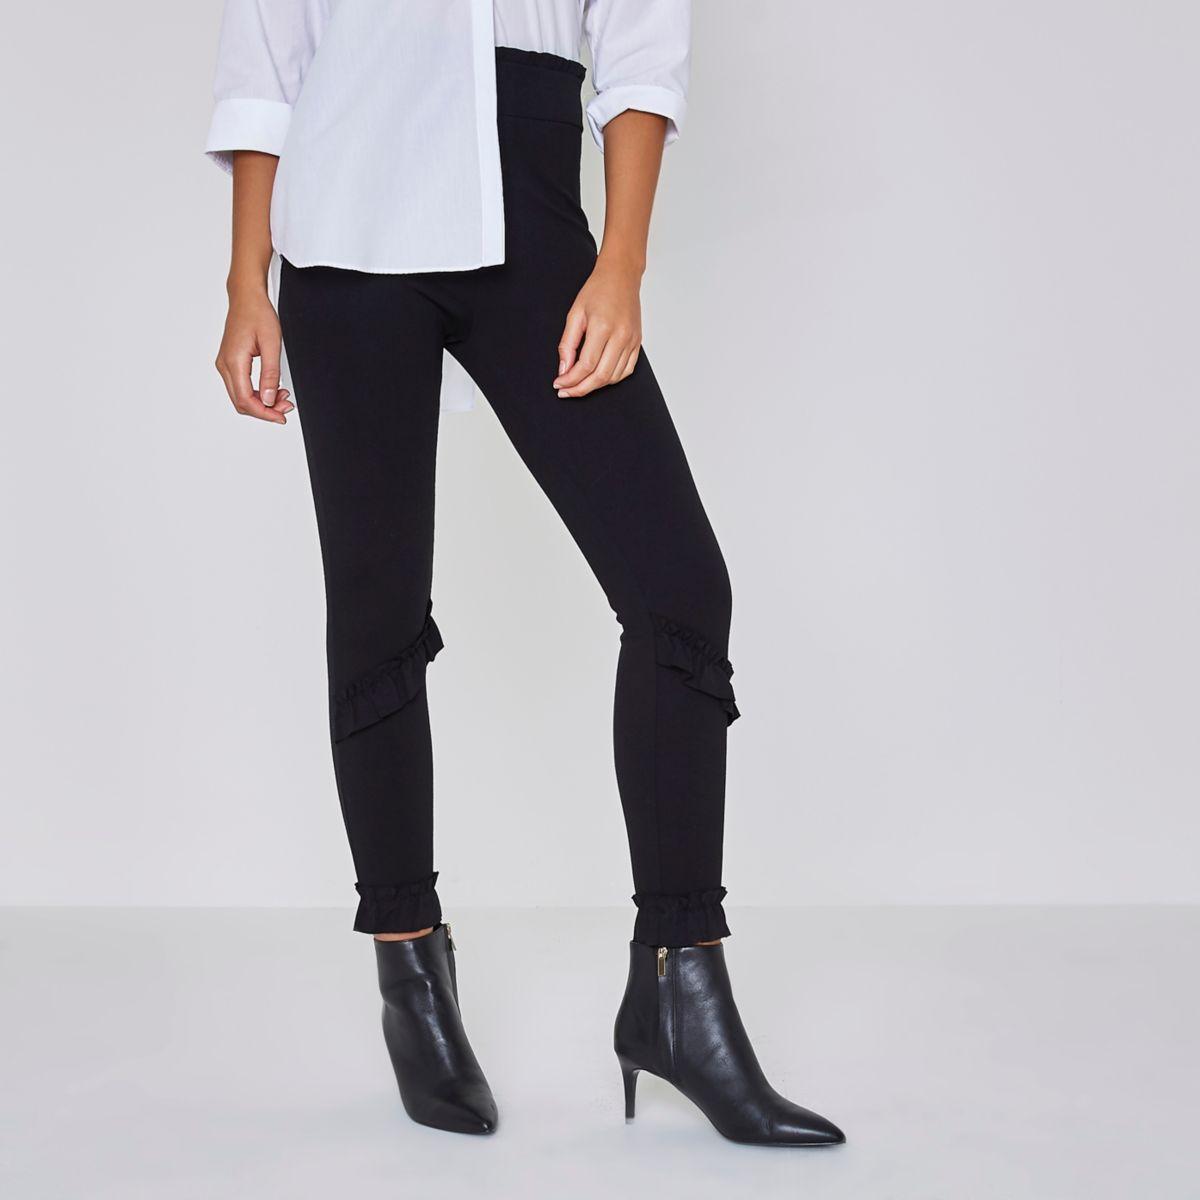 Black frill detail leggings